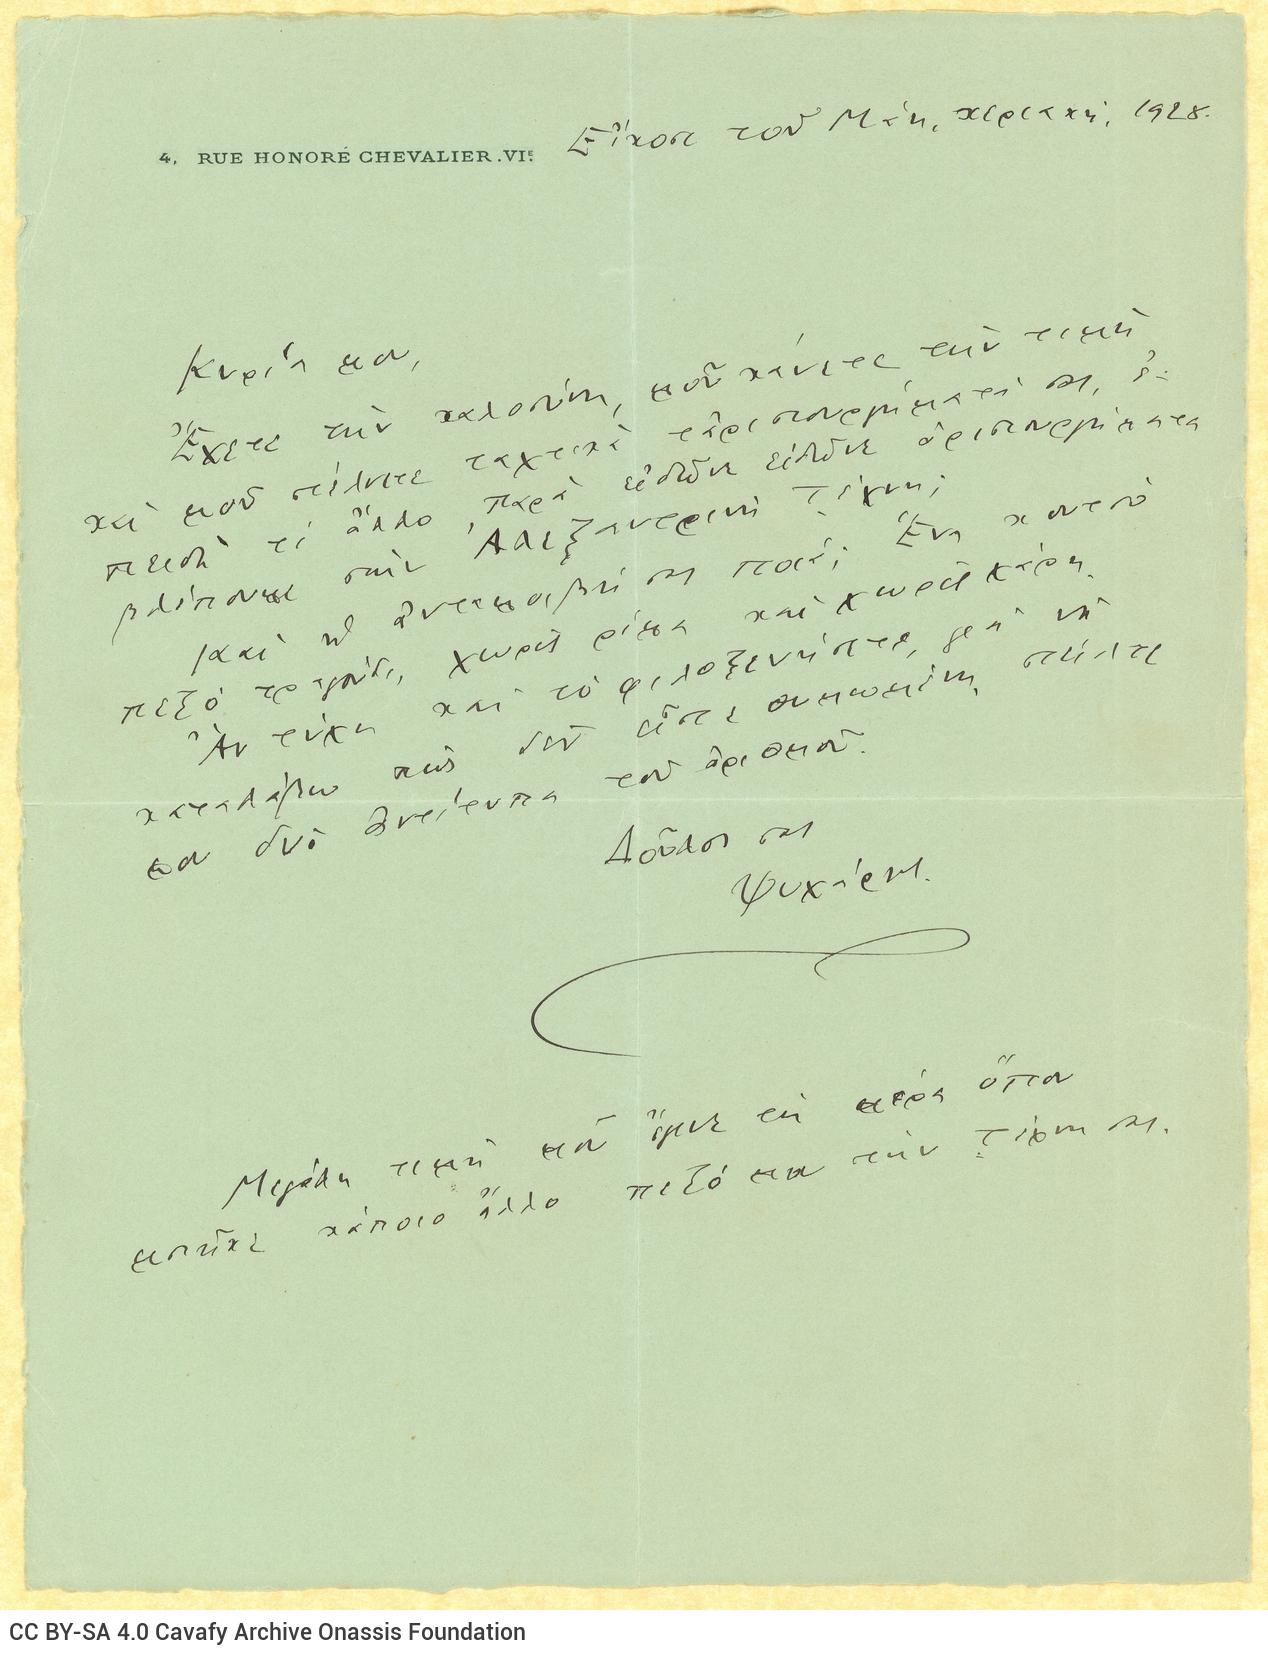 Χειρόγραφη επιστολή του Ψυχάρη στη μία όψη φύλλου με έντυπη διεύθυν�